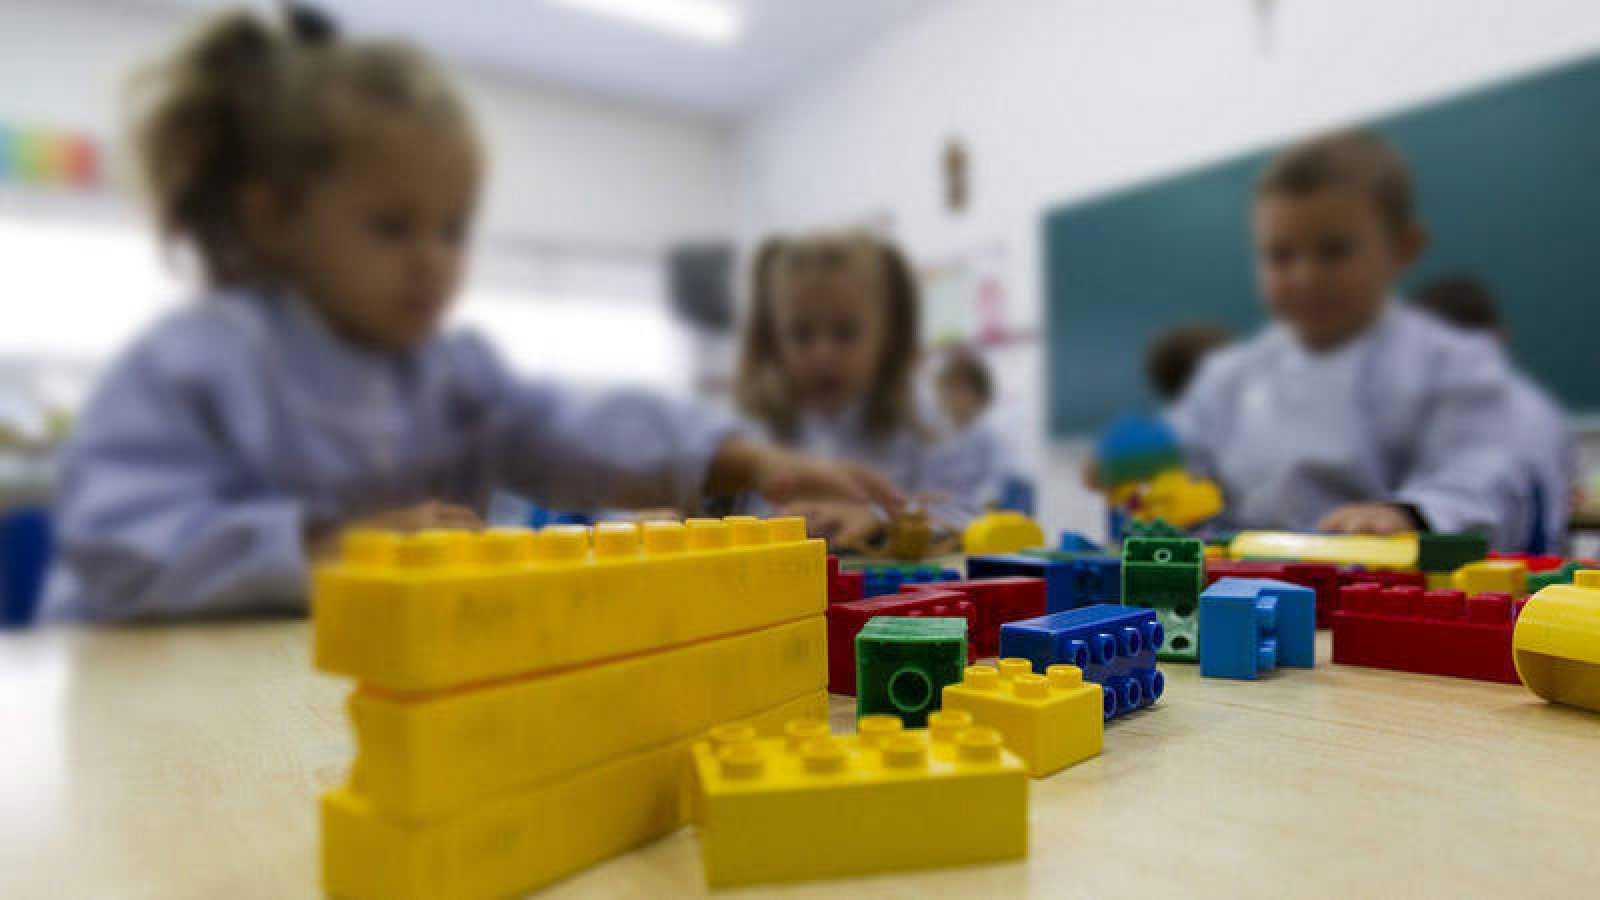 La reputaci n nos importa ya desde el jard n de infancia for Que es jardin de infancia